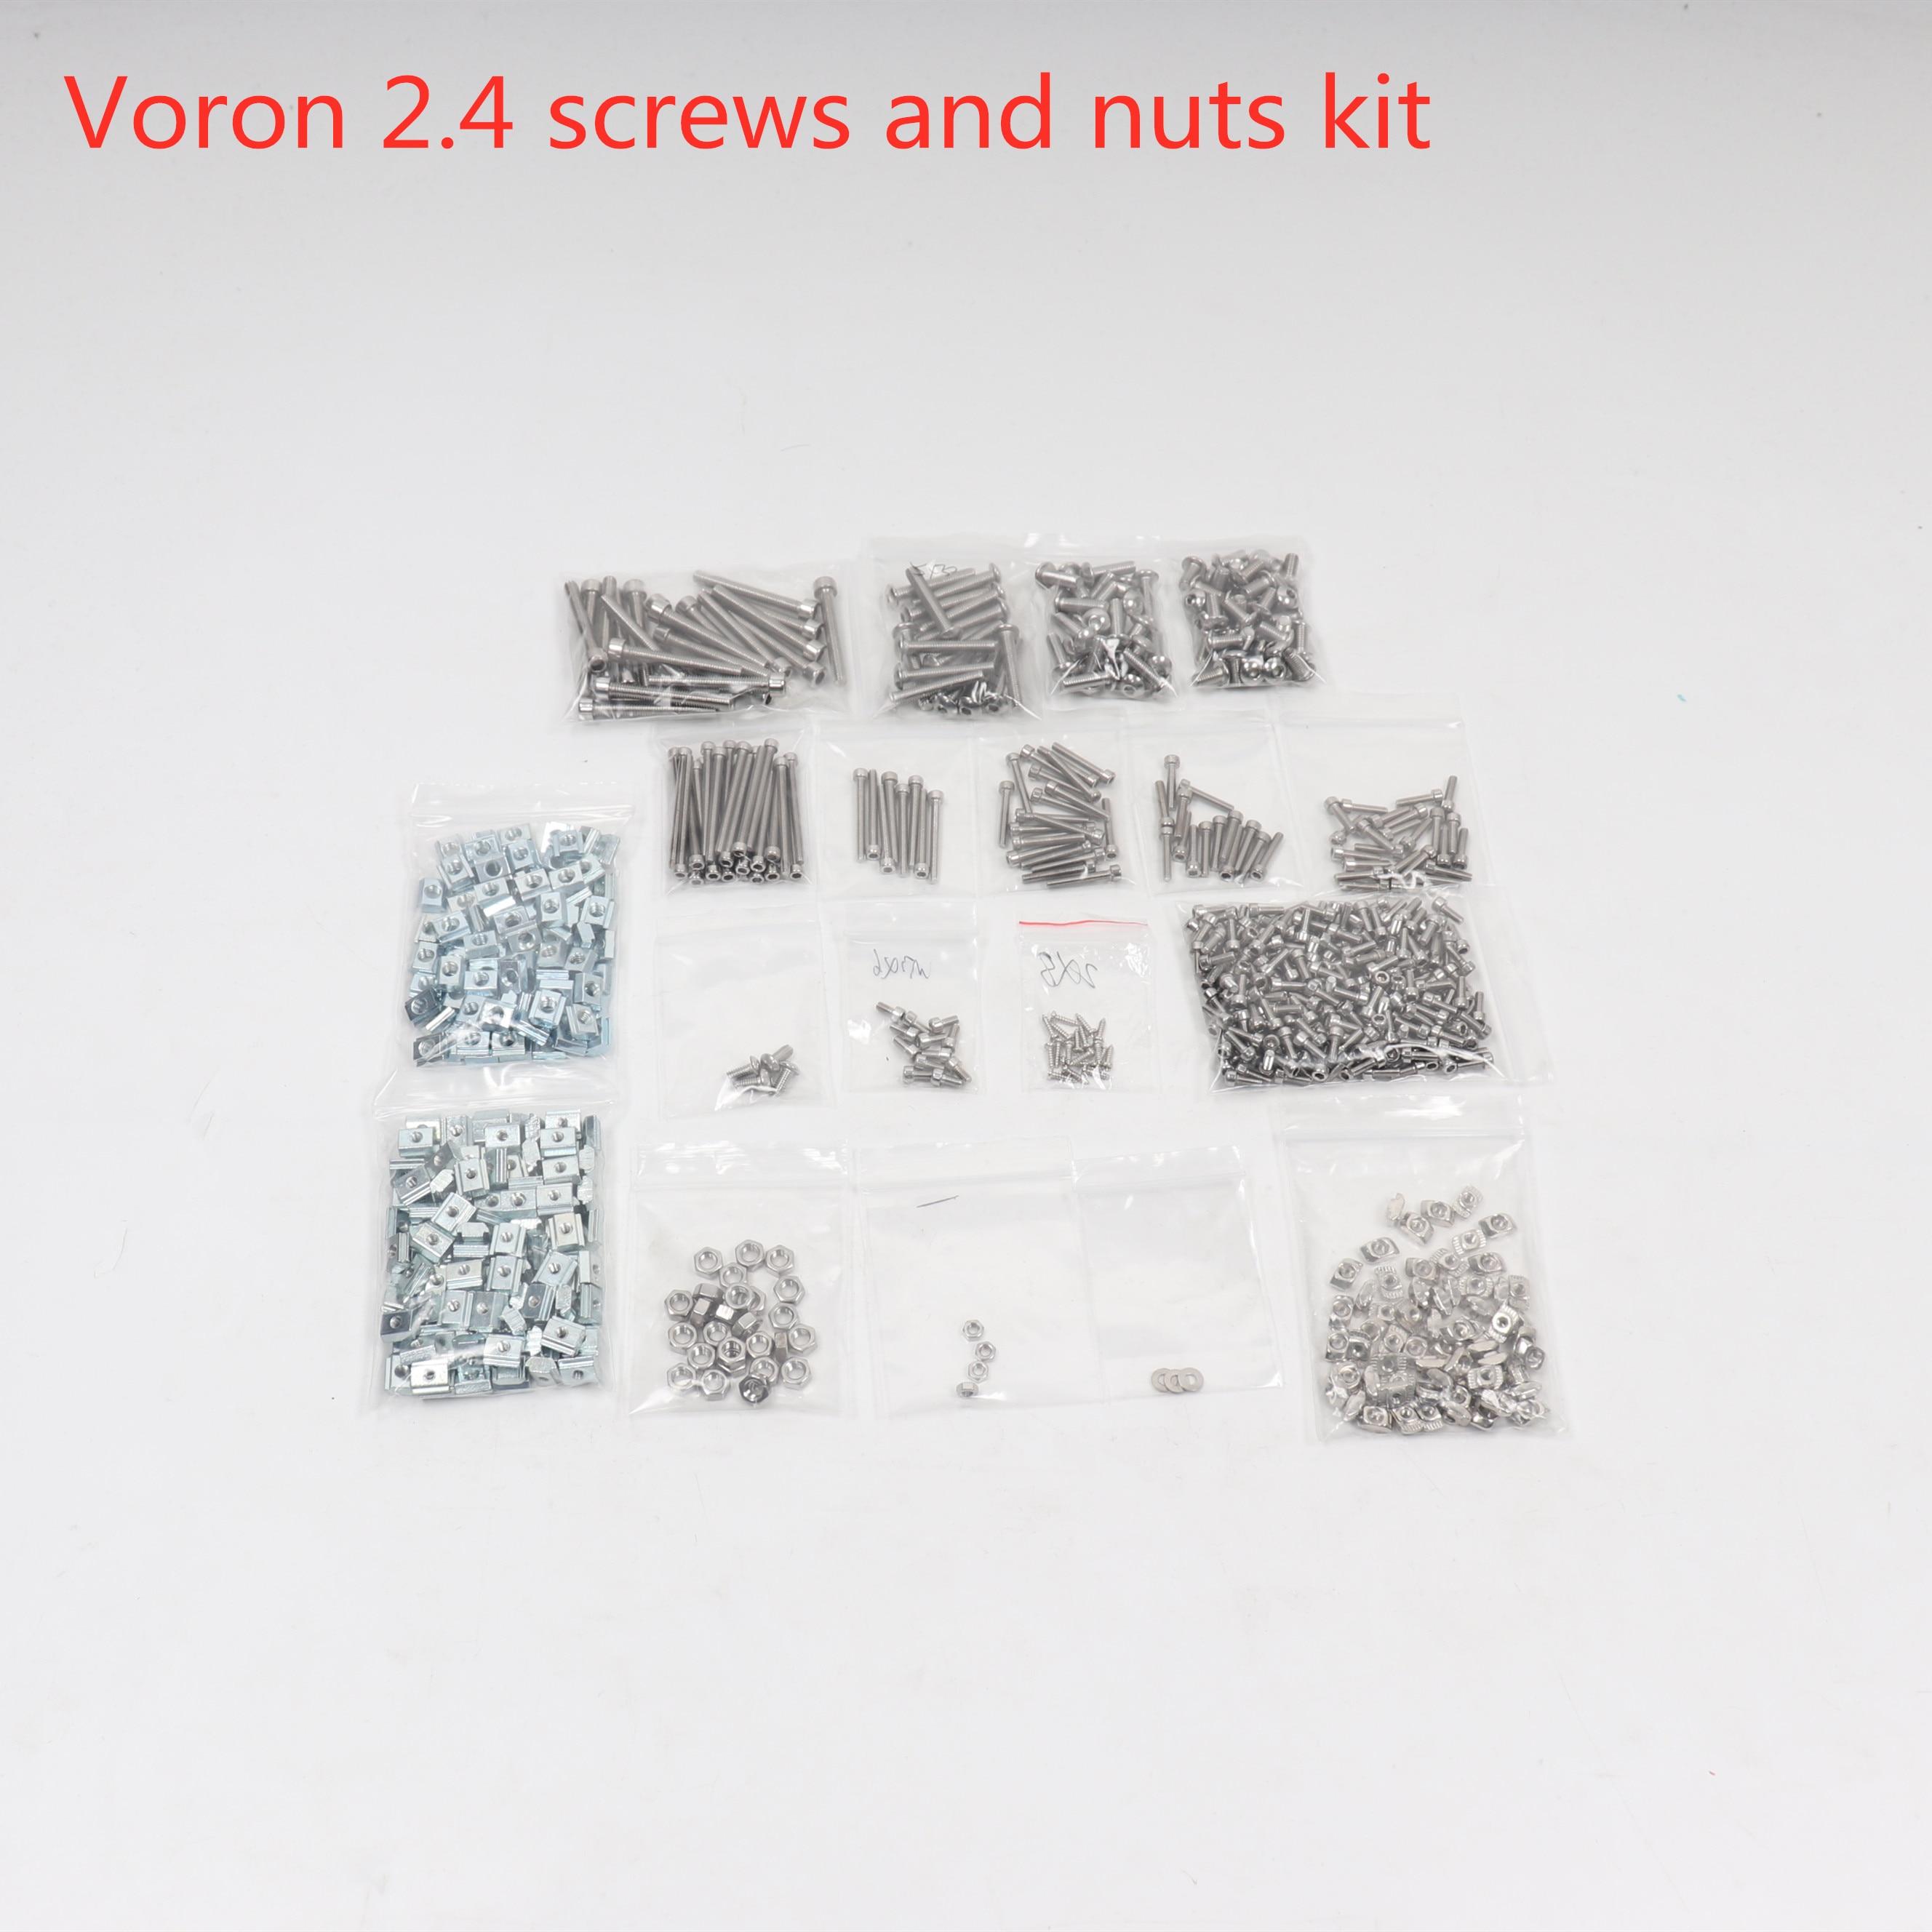 Blurolls Voron 2.4 3d Printer Project Fasteners Screws Nuts Full Kit